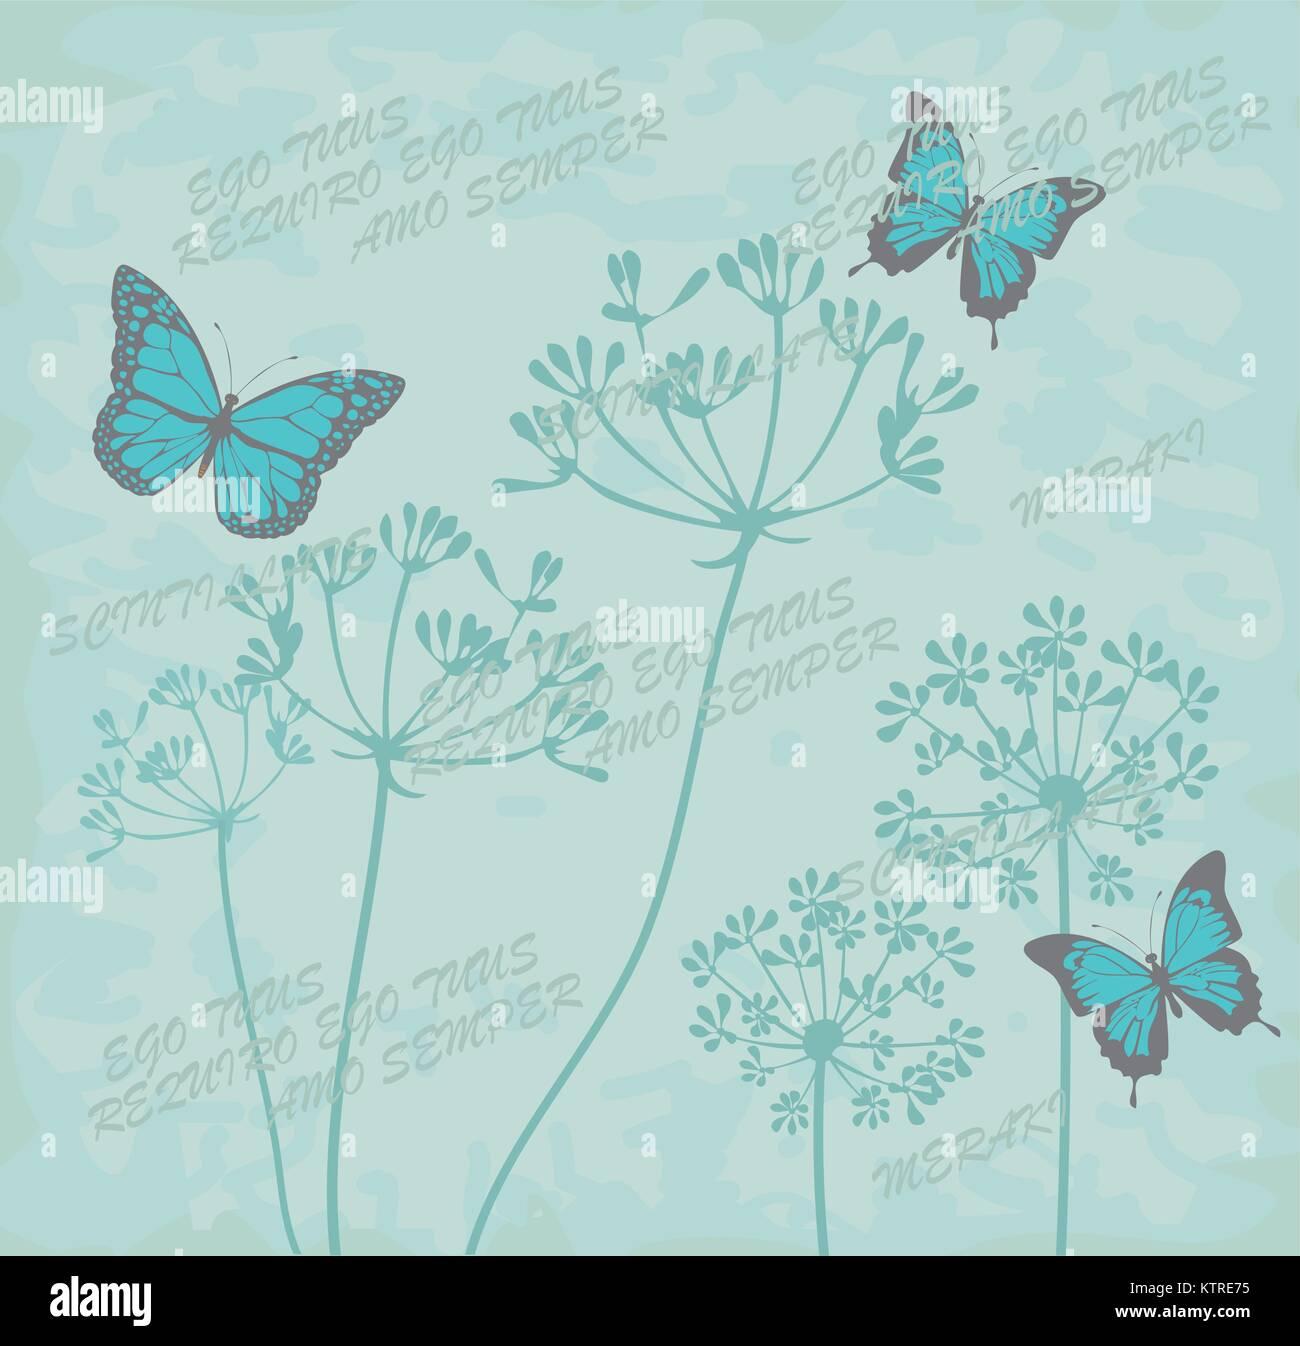 Ilustración Vectorial De Dibujos Florales Botánicos Con Mariposas